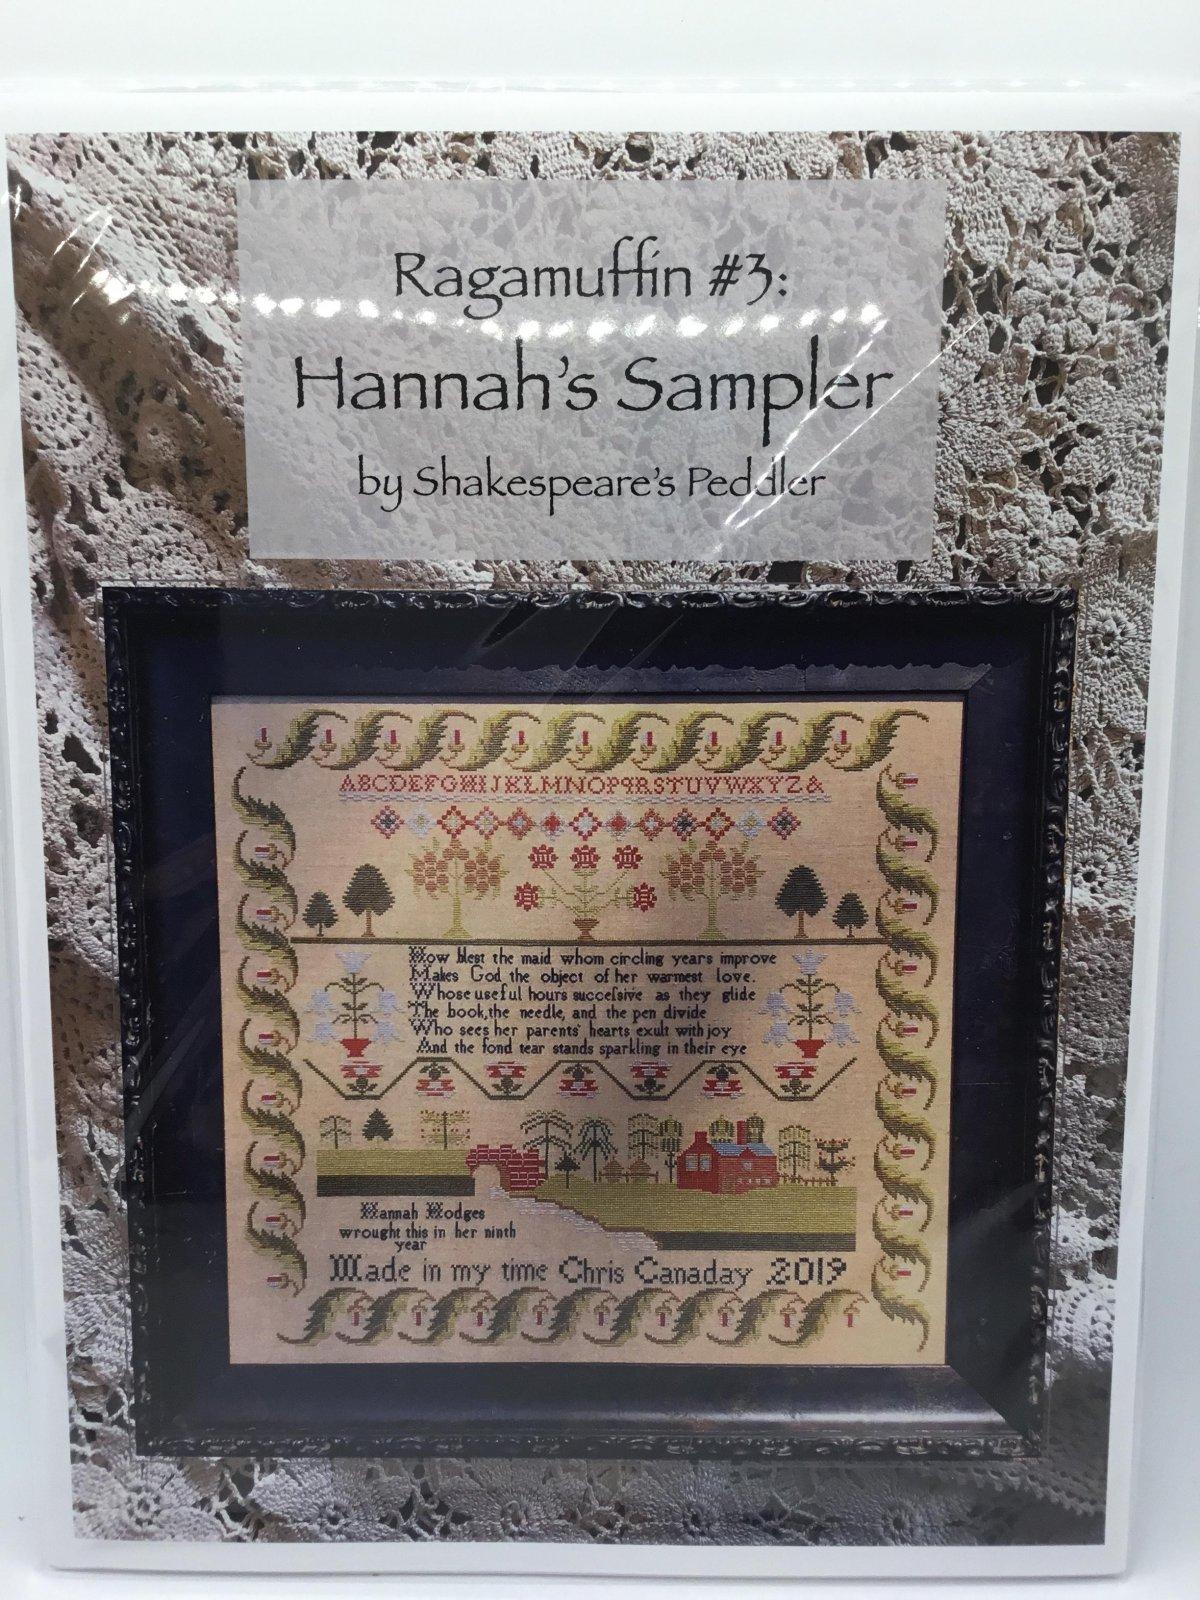 Hanna's Sampler